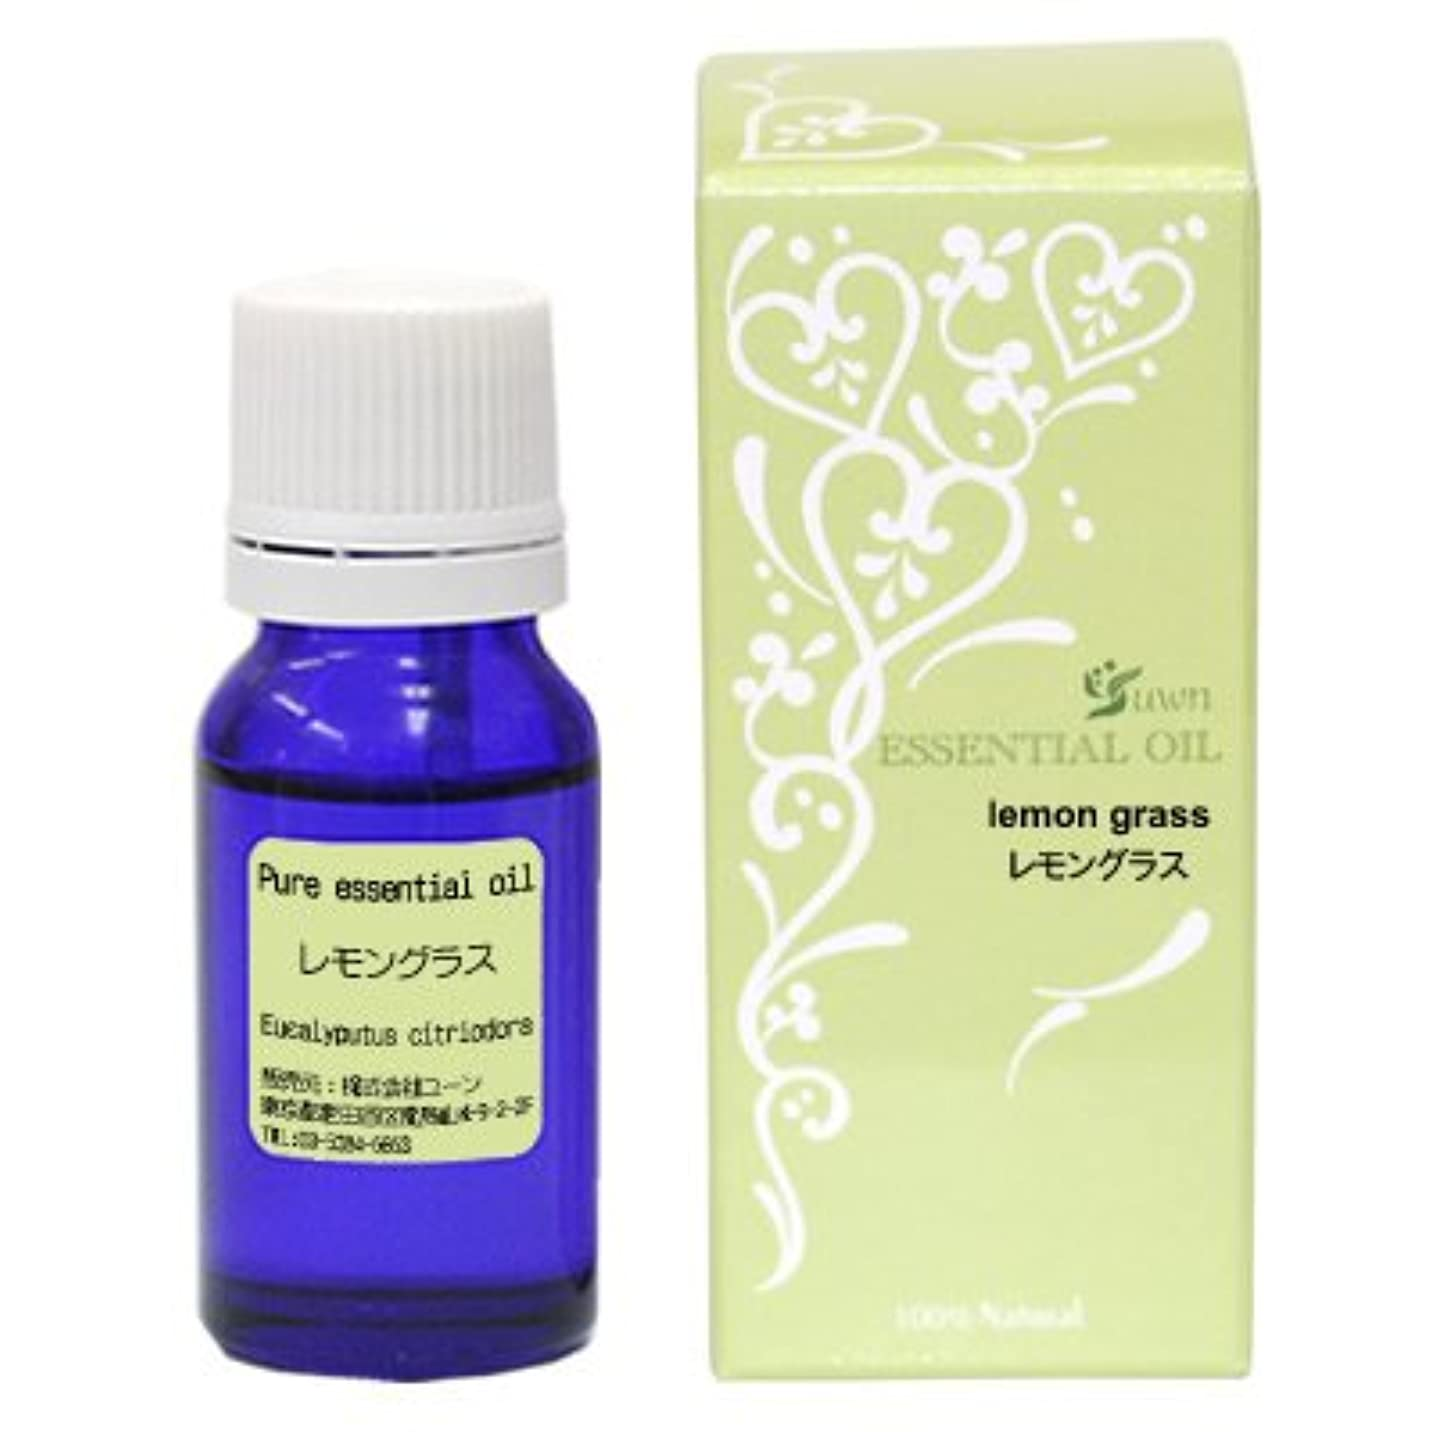 踊り子分配します悪性のレモングラスオイル 10ml ywoil:エッセンシャルオイル(精油)